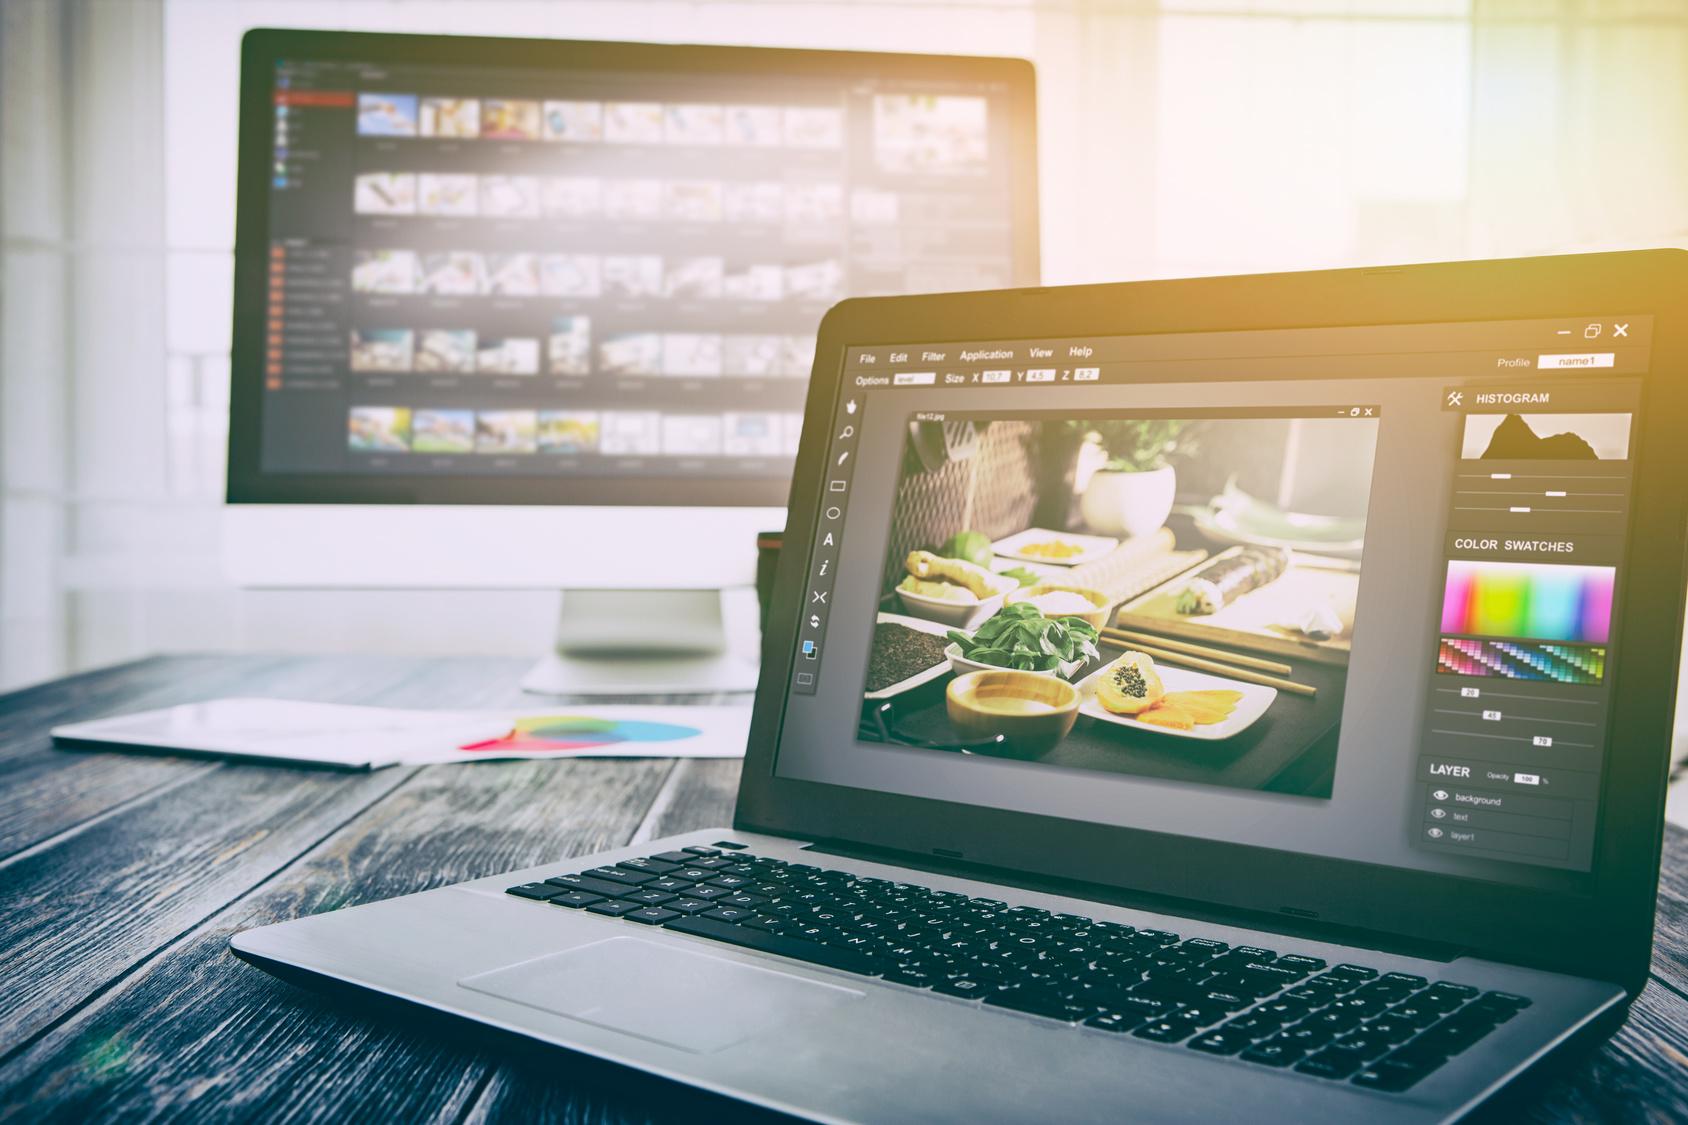 Bilddateiformate für die Nachbearbeitung am PC